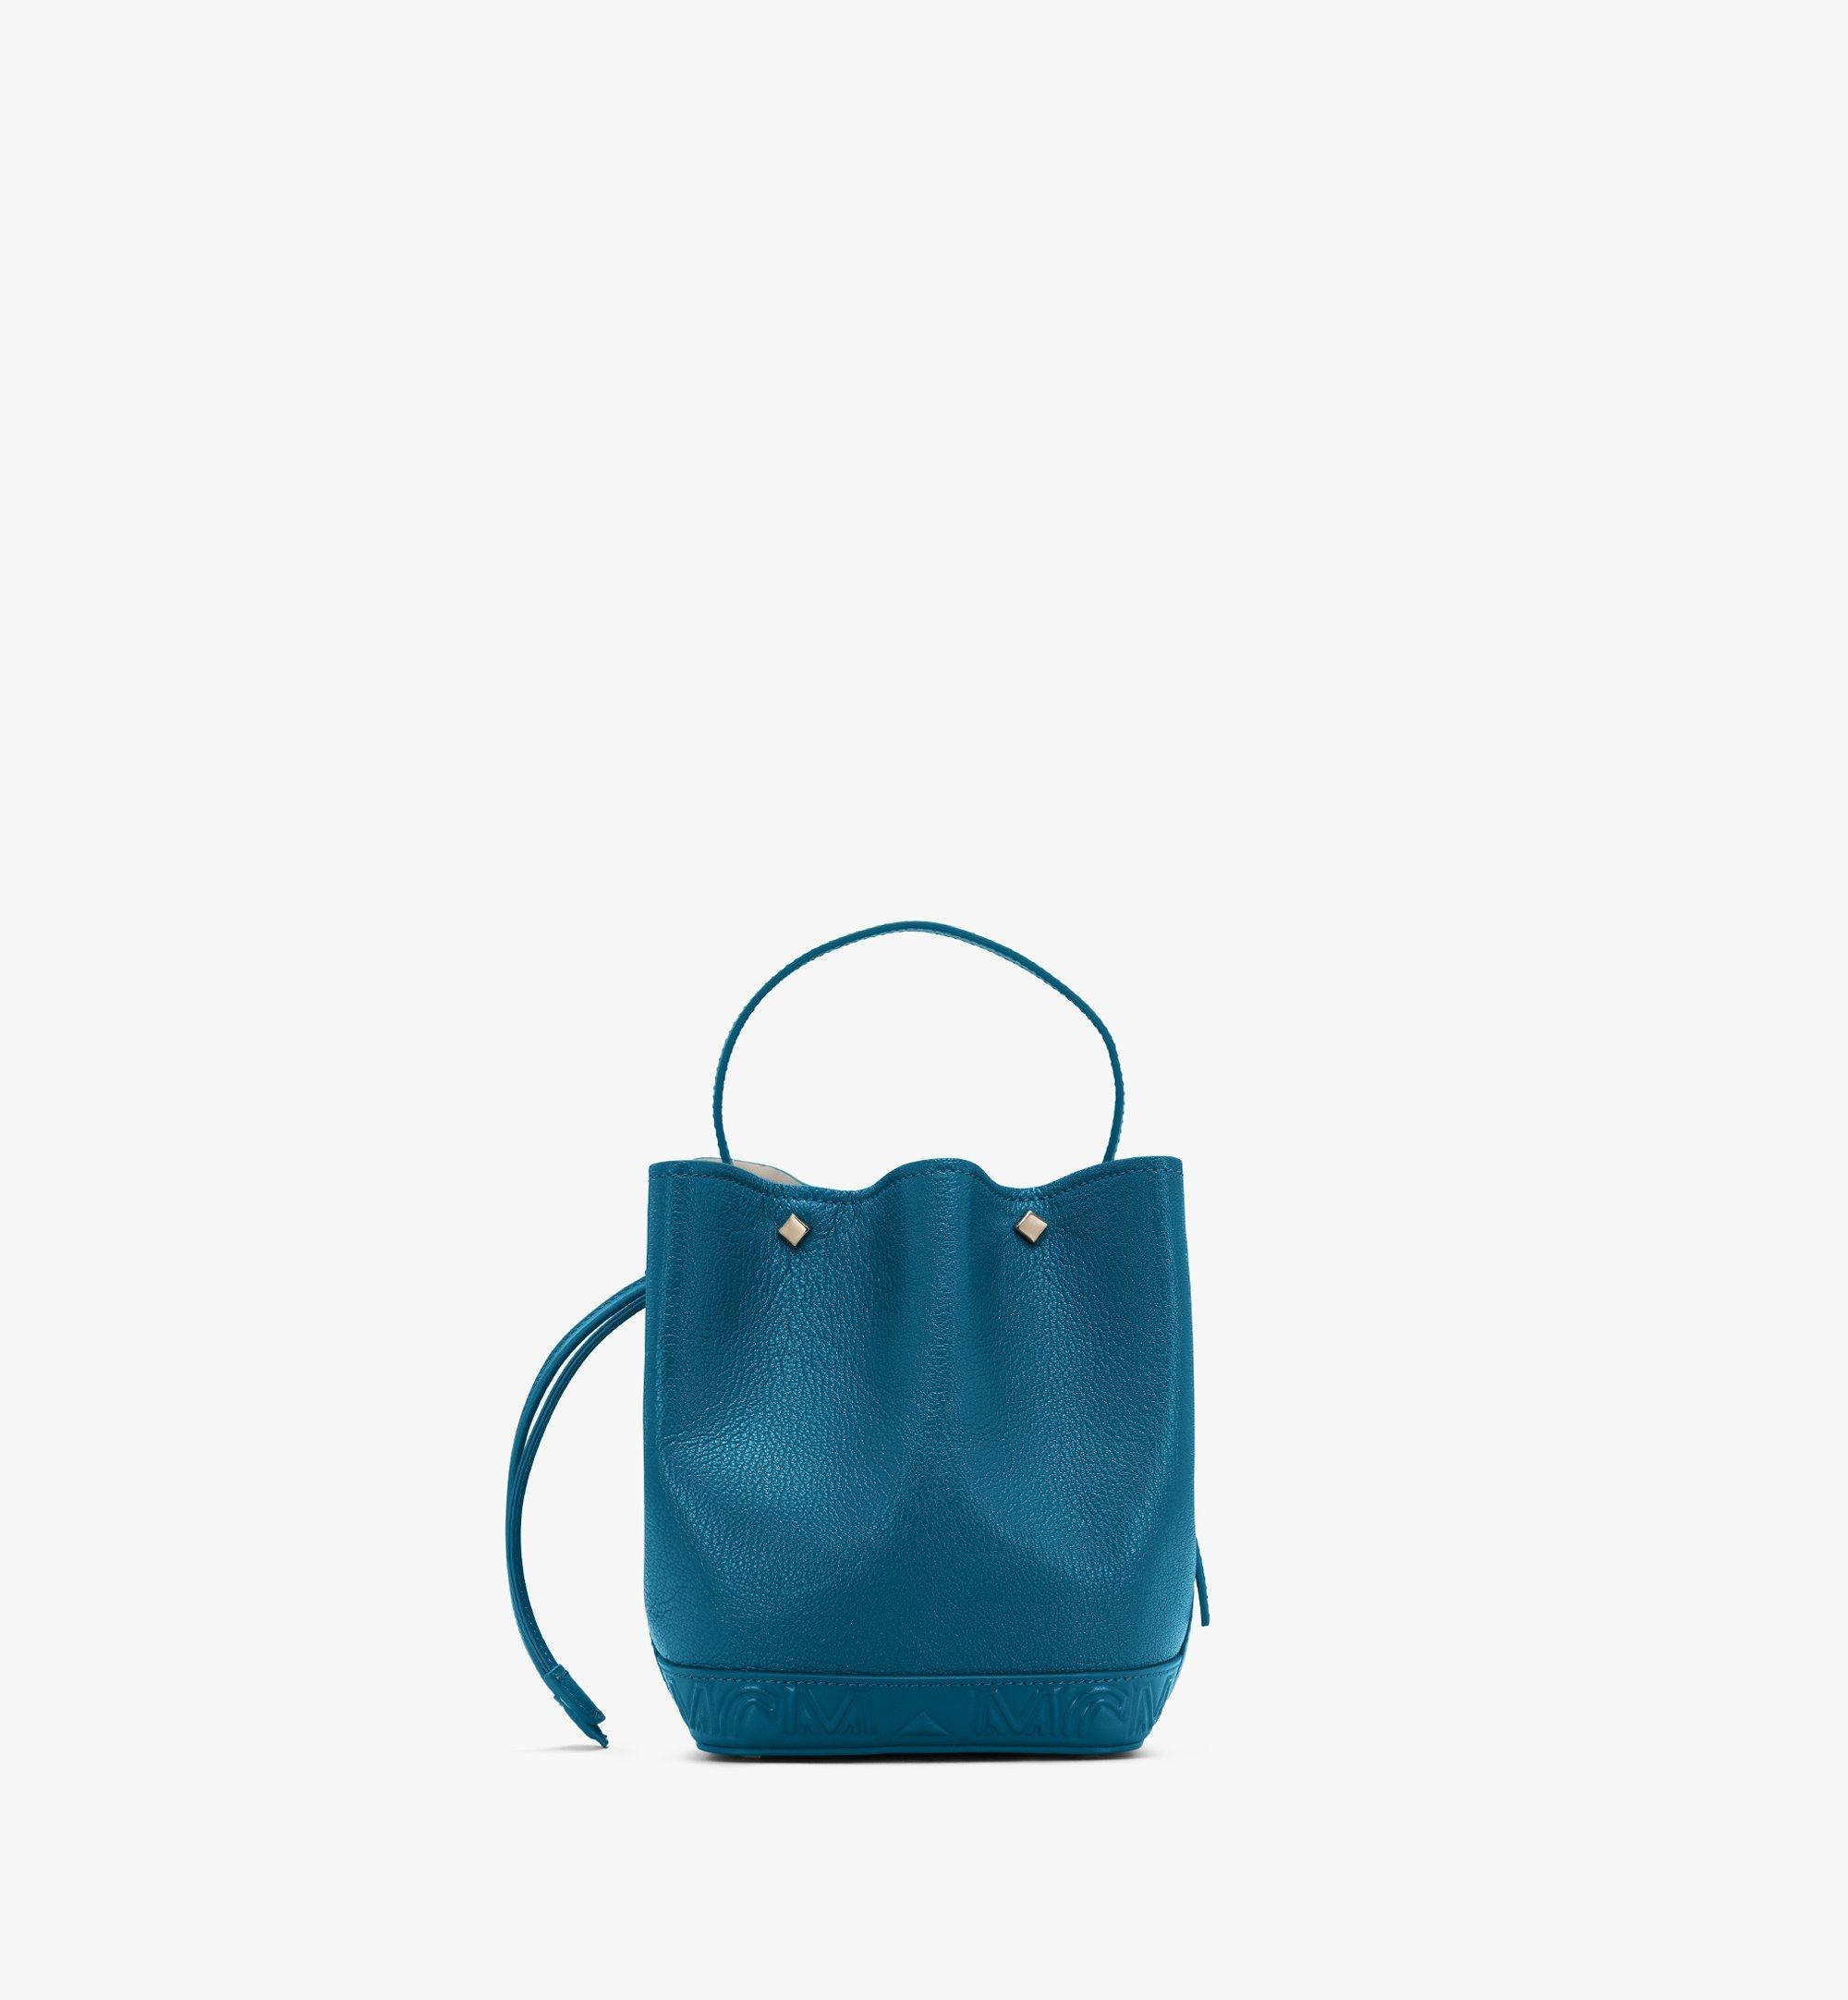 MCM Milano Drawstring Bag in Goatskin Leather Green MWDASDA03JF001 Alternate View 3